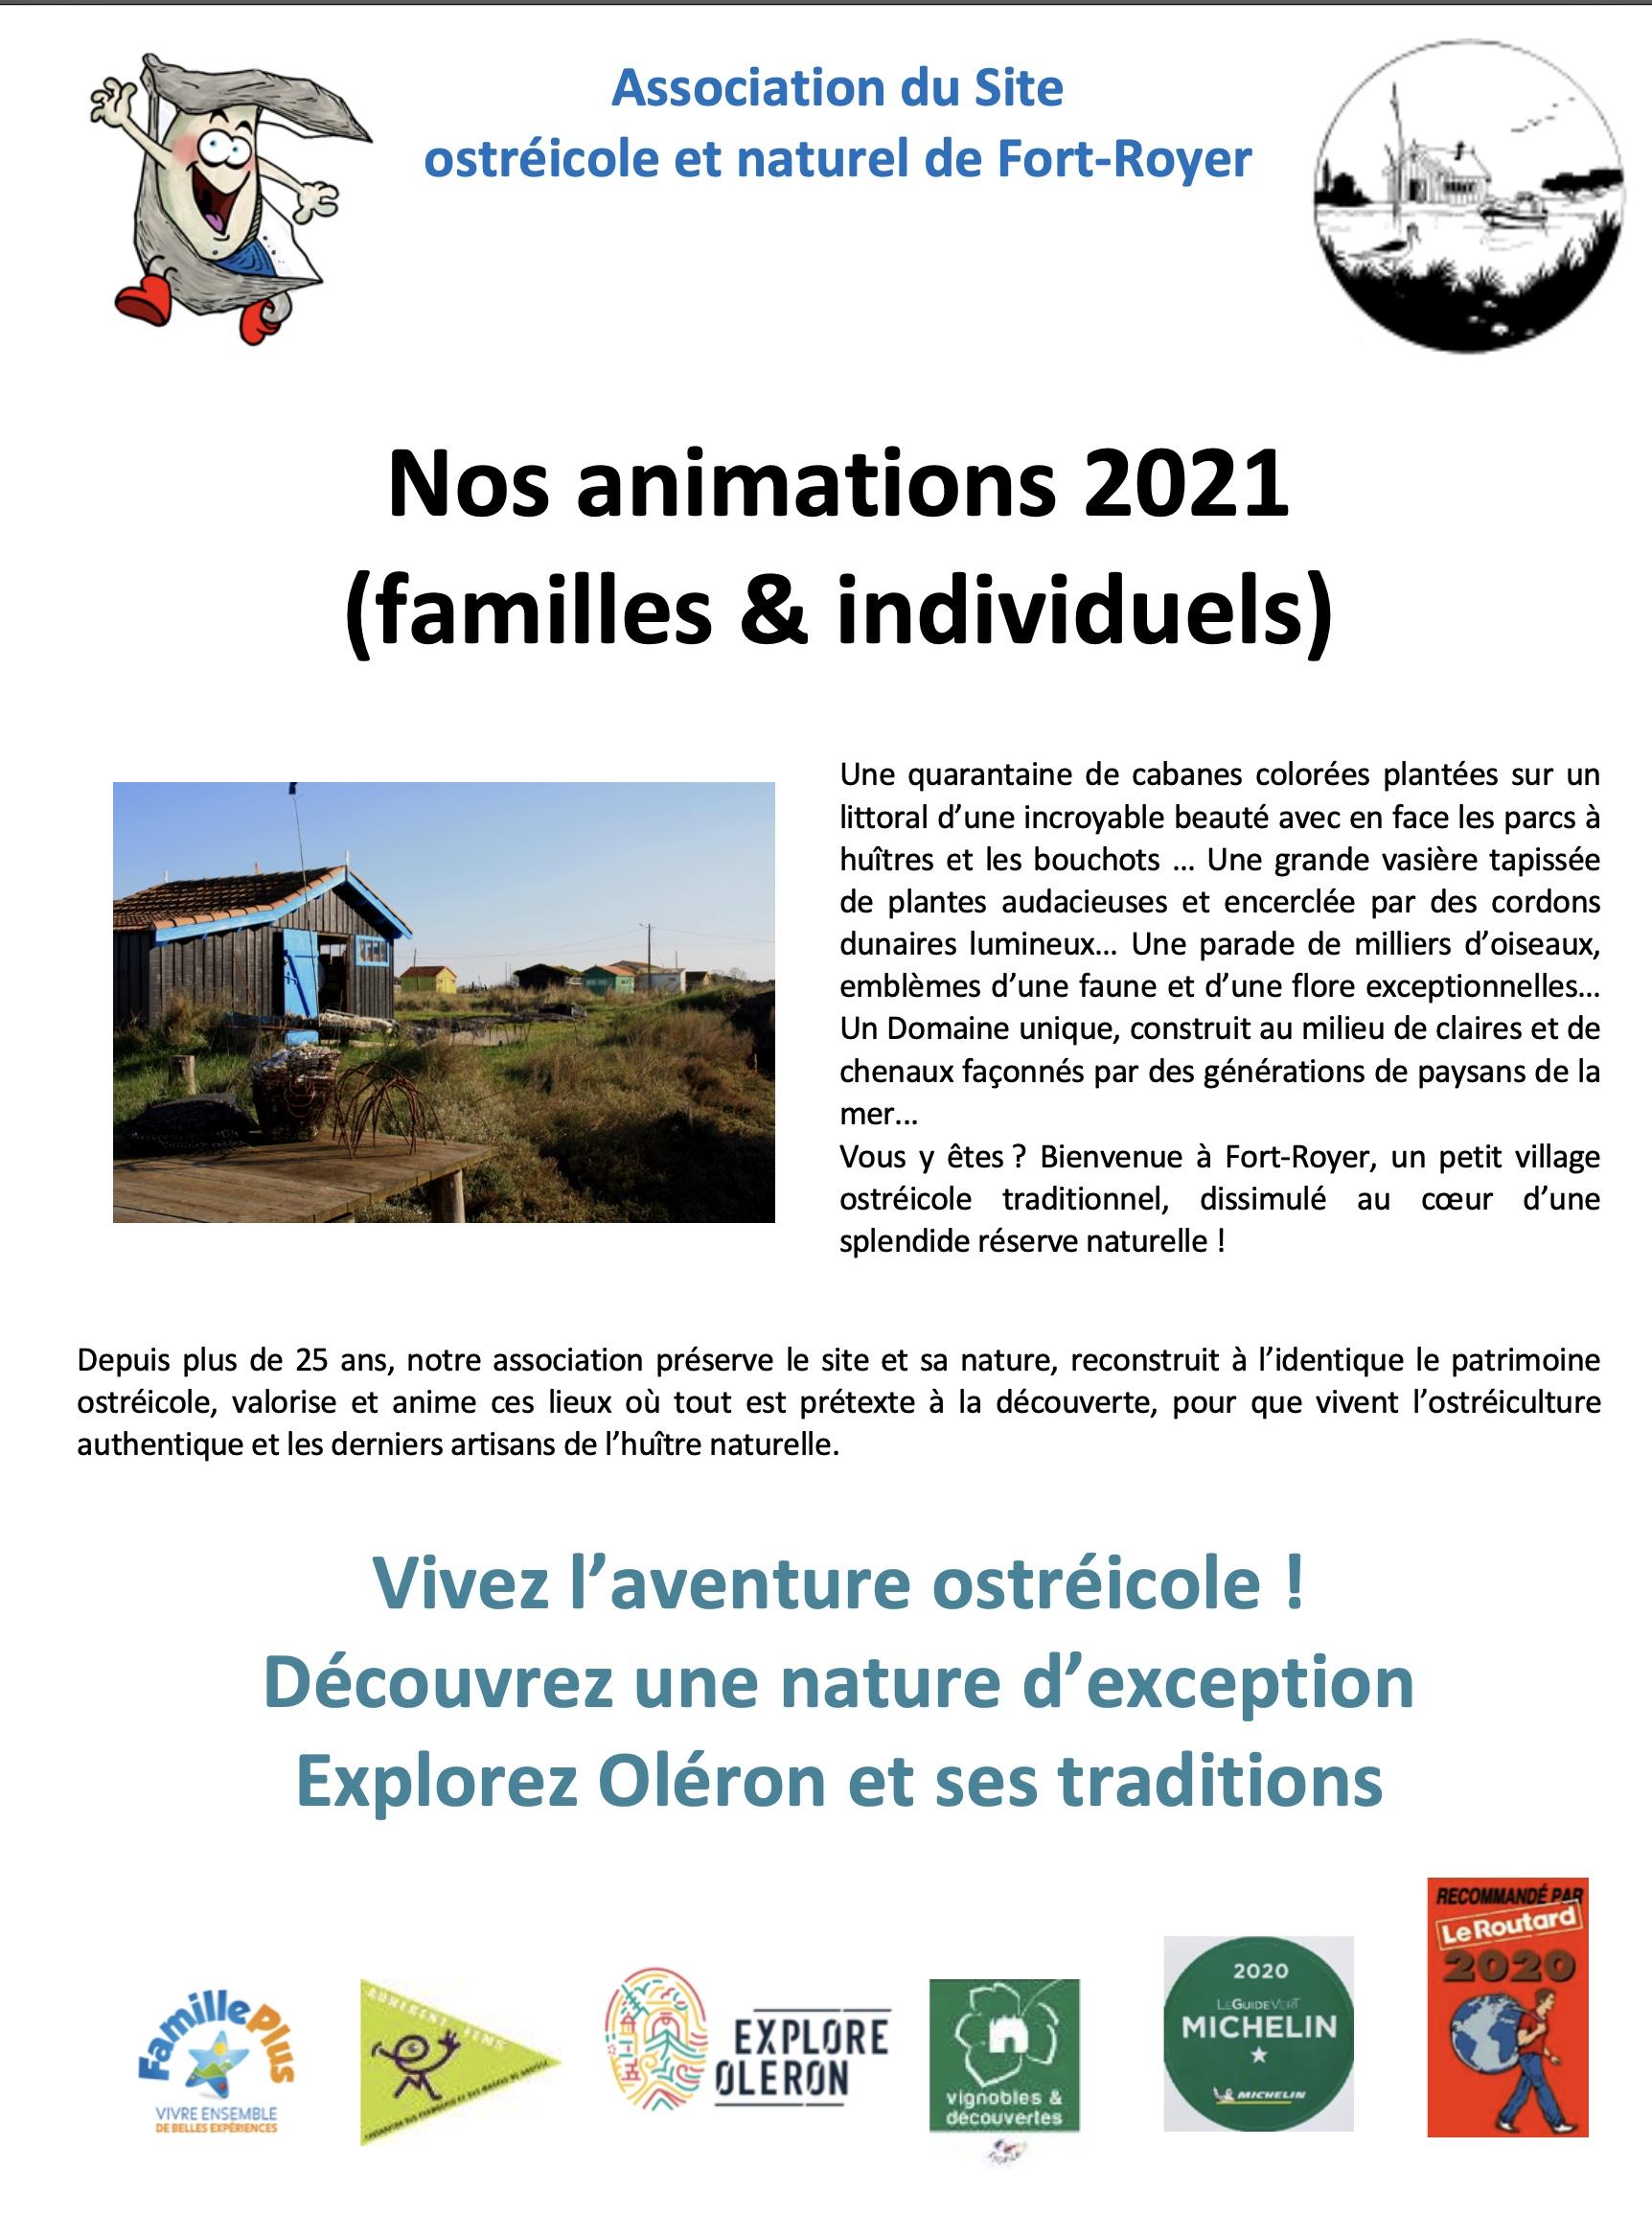 Association du Site ostréicole et naturel de Fort-Royer